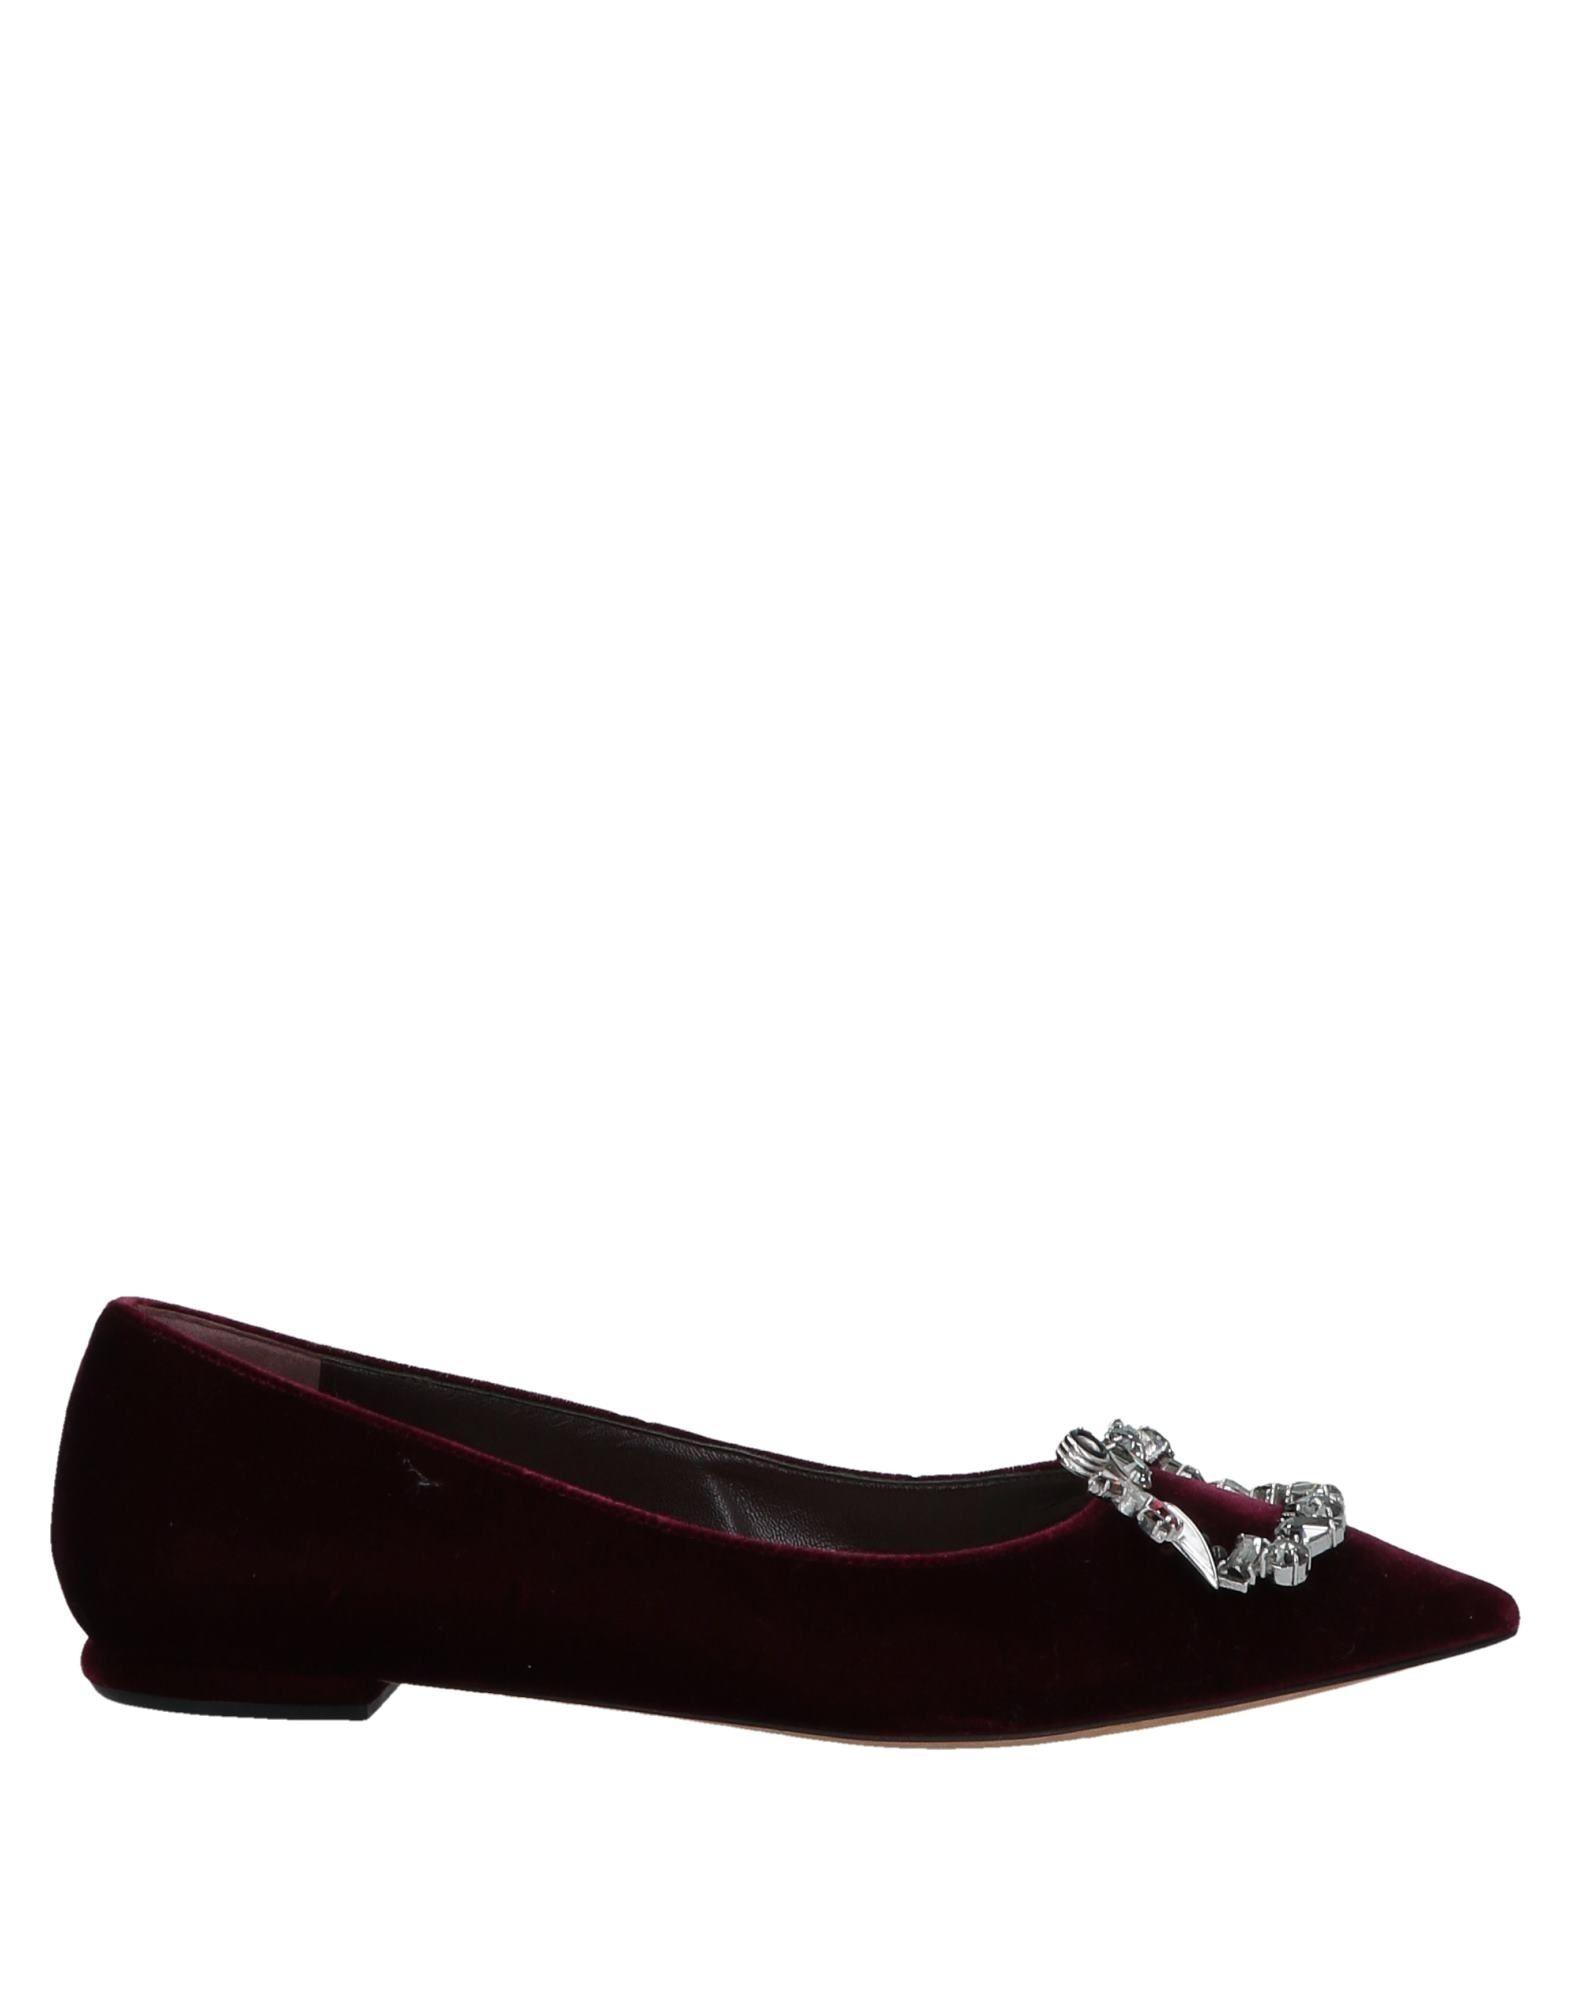 Ballerine Dior Donna - 11264602KO 11264602KO 11264602KO 104ab7